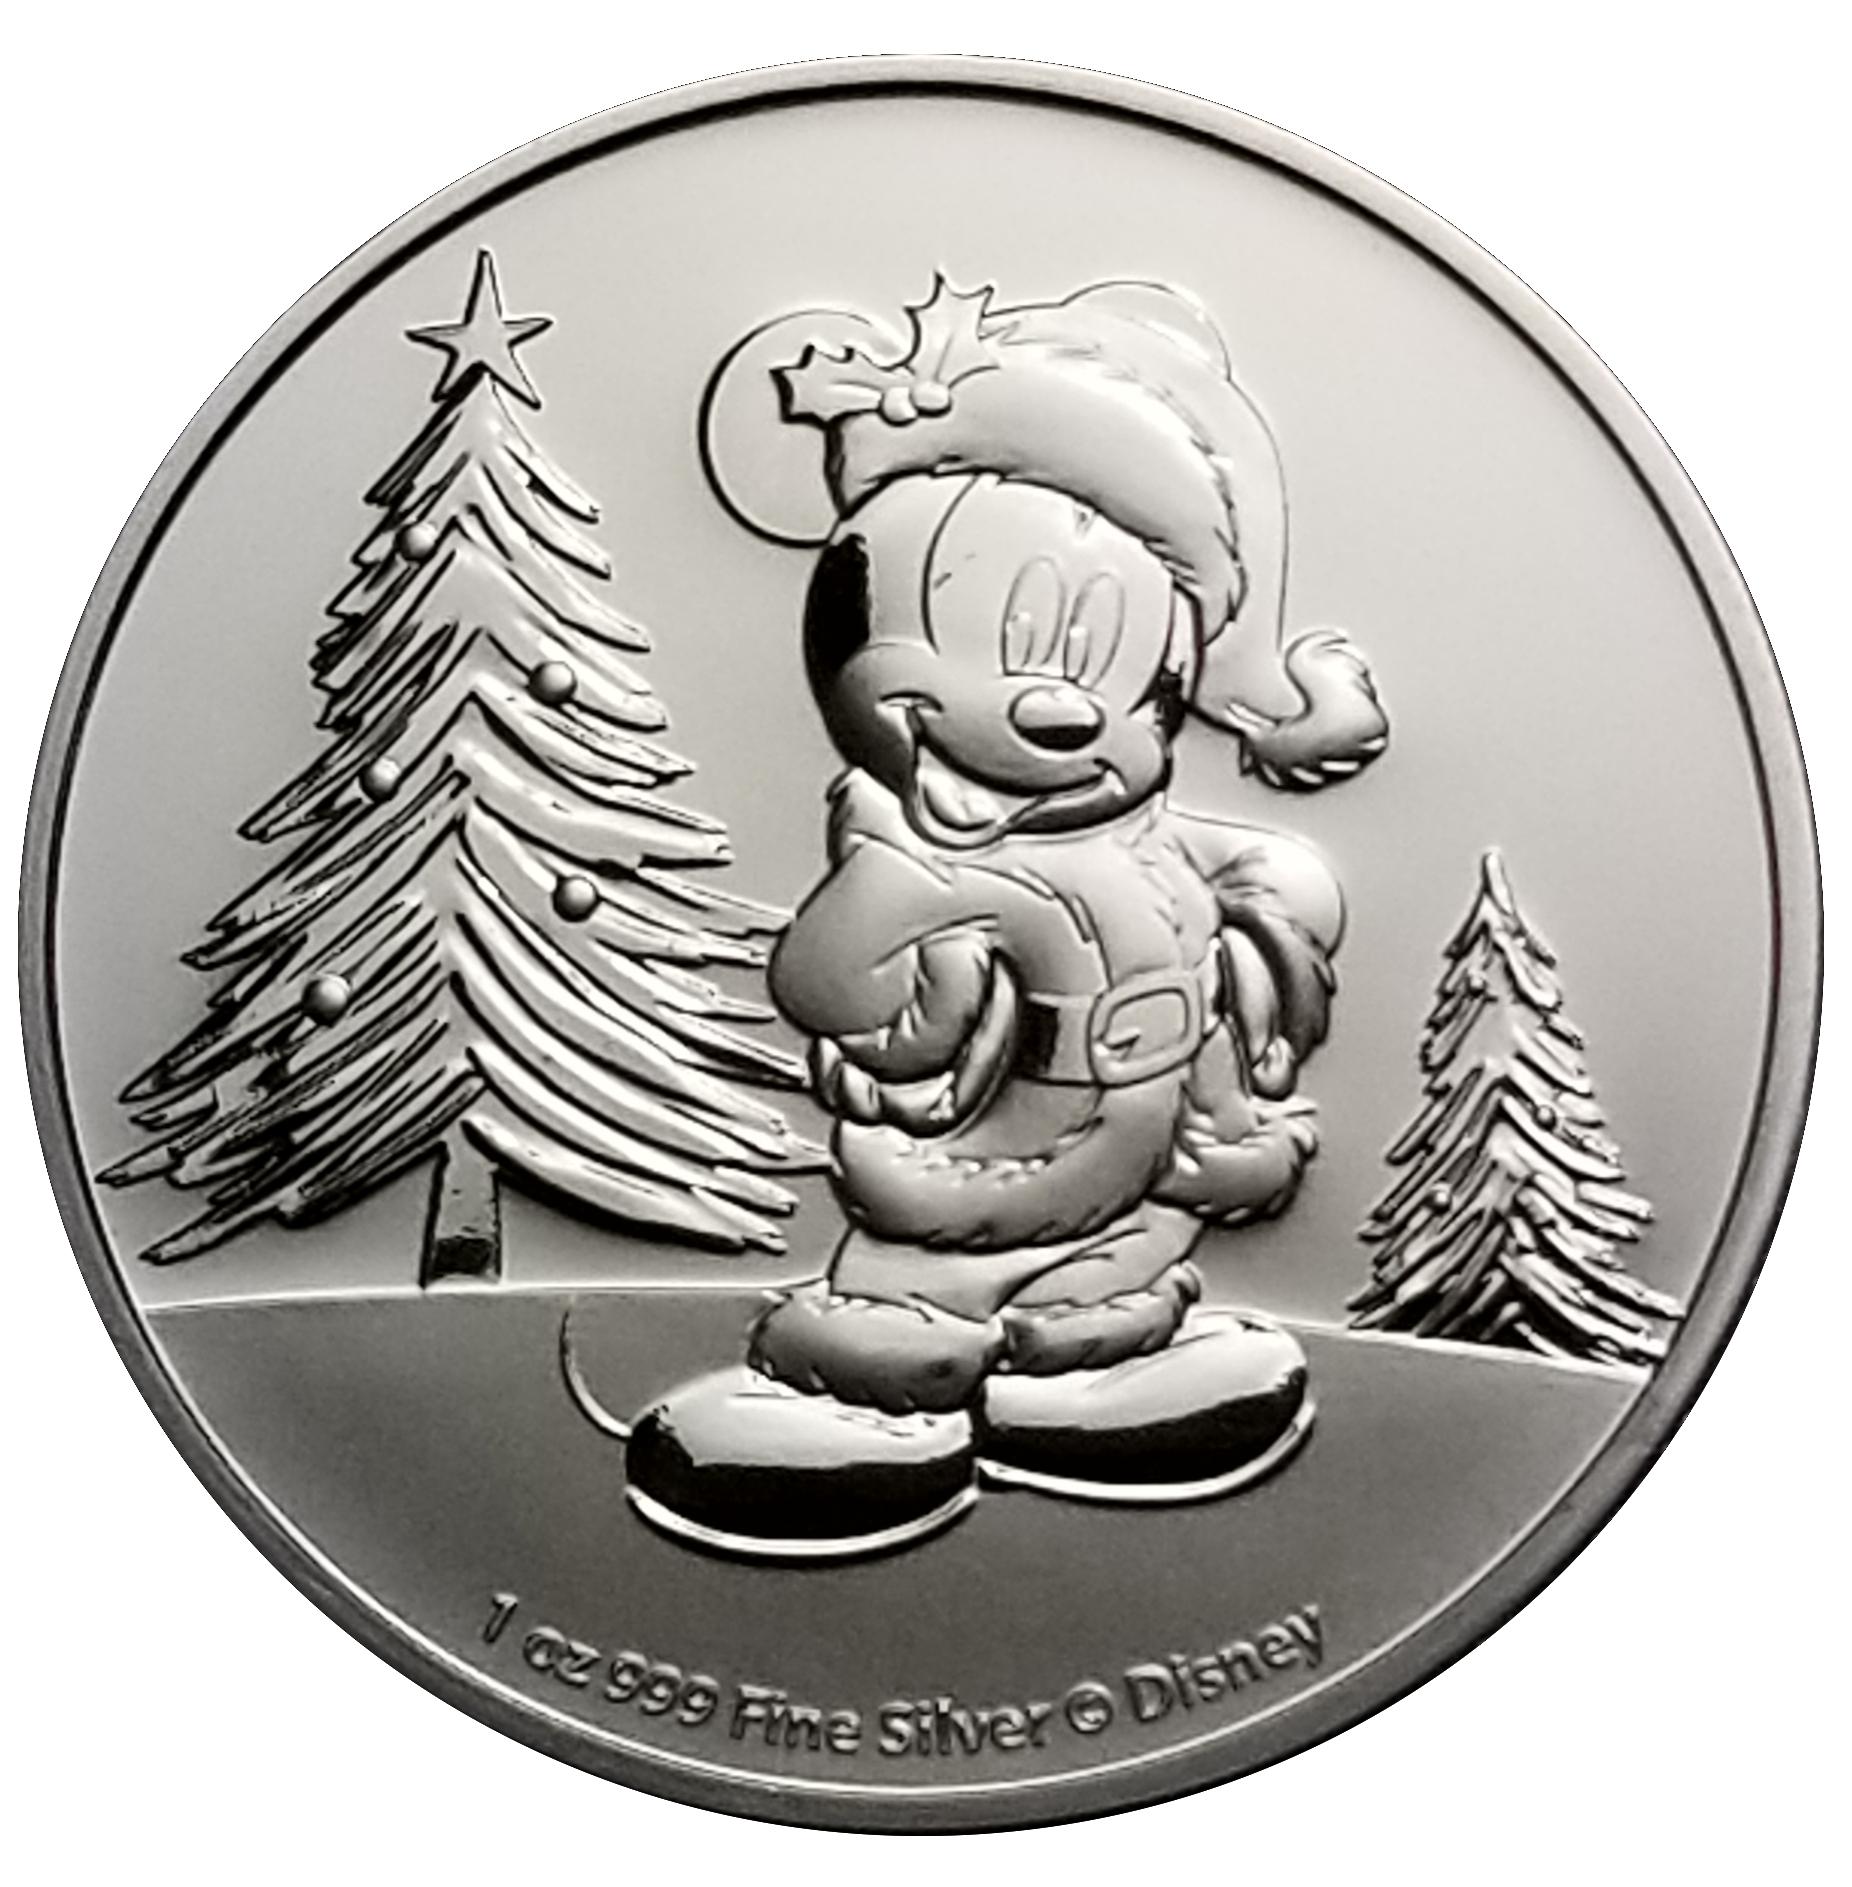 999 Silver Coin 2 dollar Niue 2019 Disney Mickey Mouse Christmas Santa 1 oz